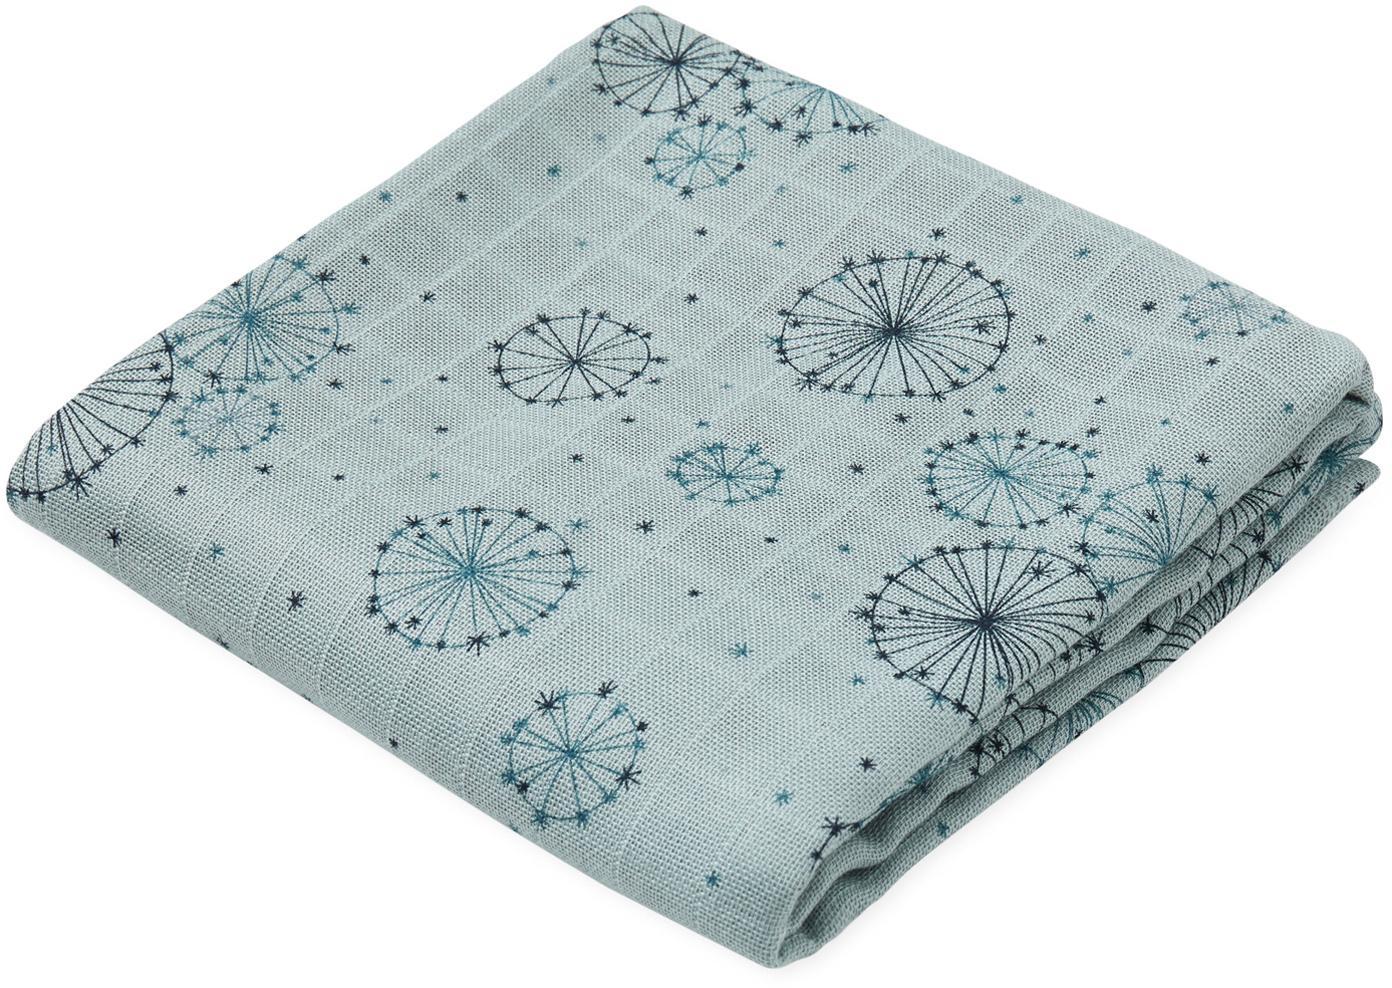 Copertina in cotone organico Dandelion 2 pz, Cotone organico, certificato GOTS, Tonalità blu, Larg. 70 x Lung. 70 cm